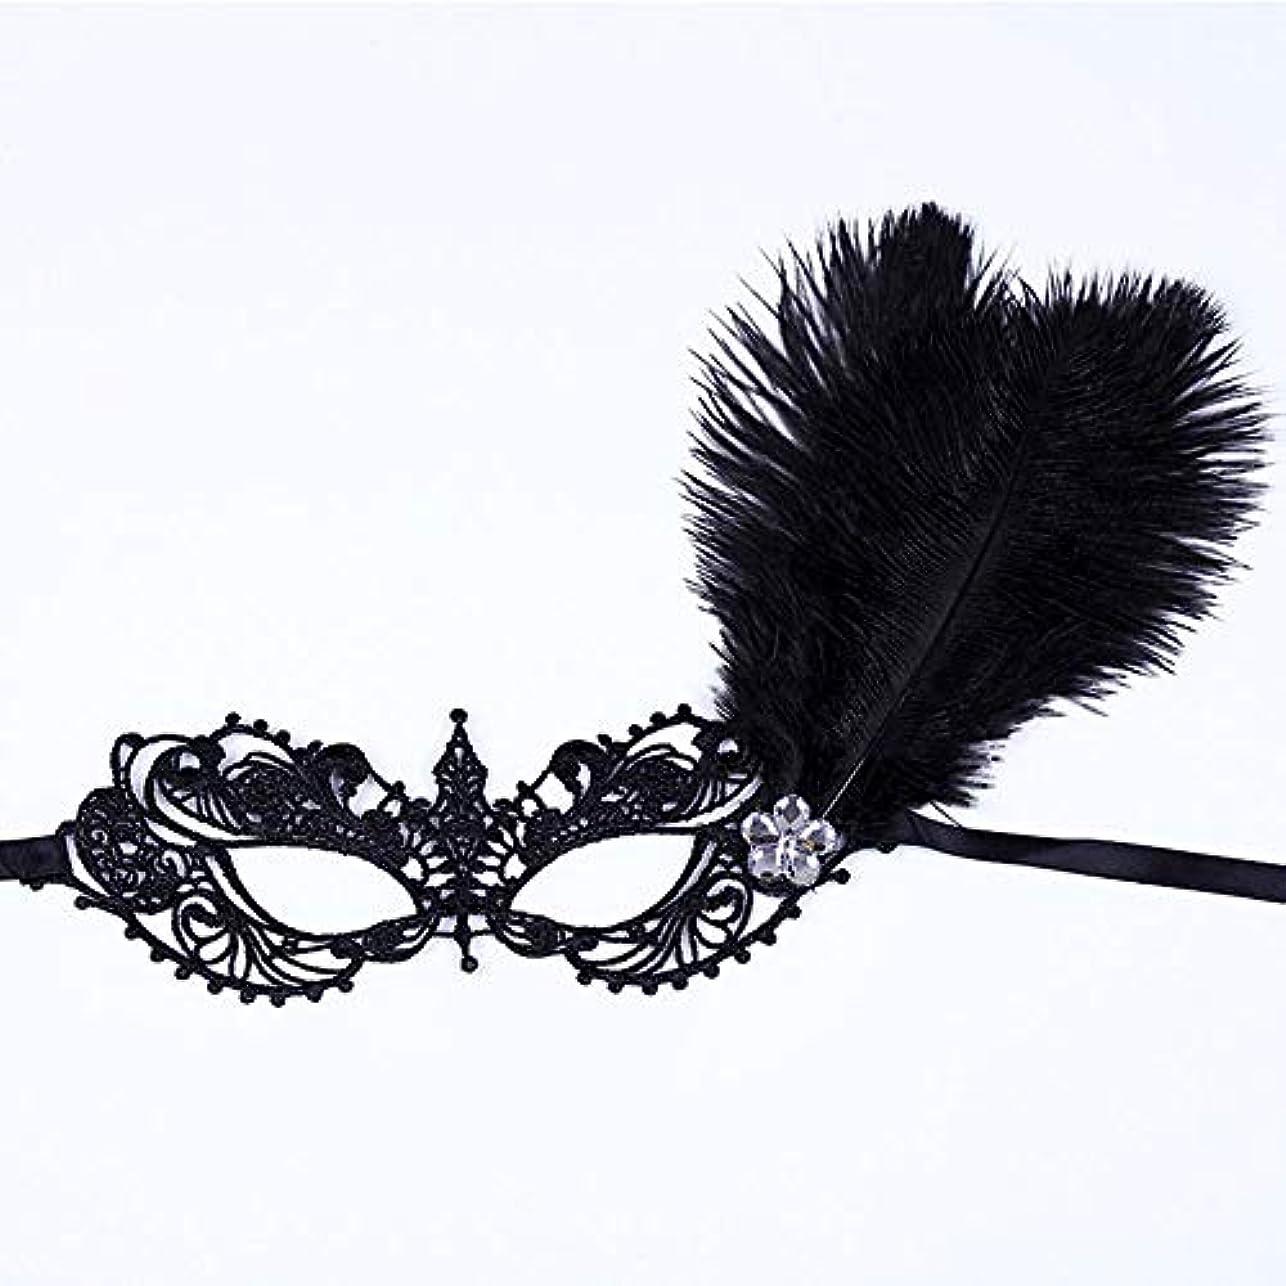 同封するオフ深くハロウィンマスクマスク仮面舞踏会レースマスクキャットウォークパーティーセクシーマスクブラック